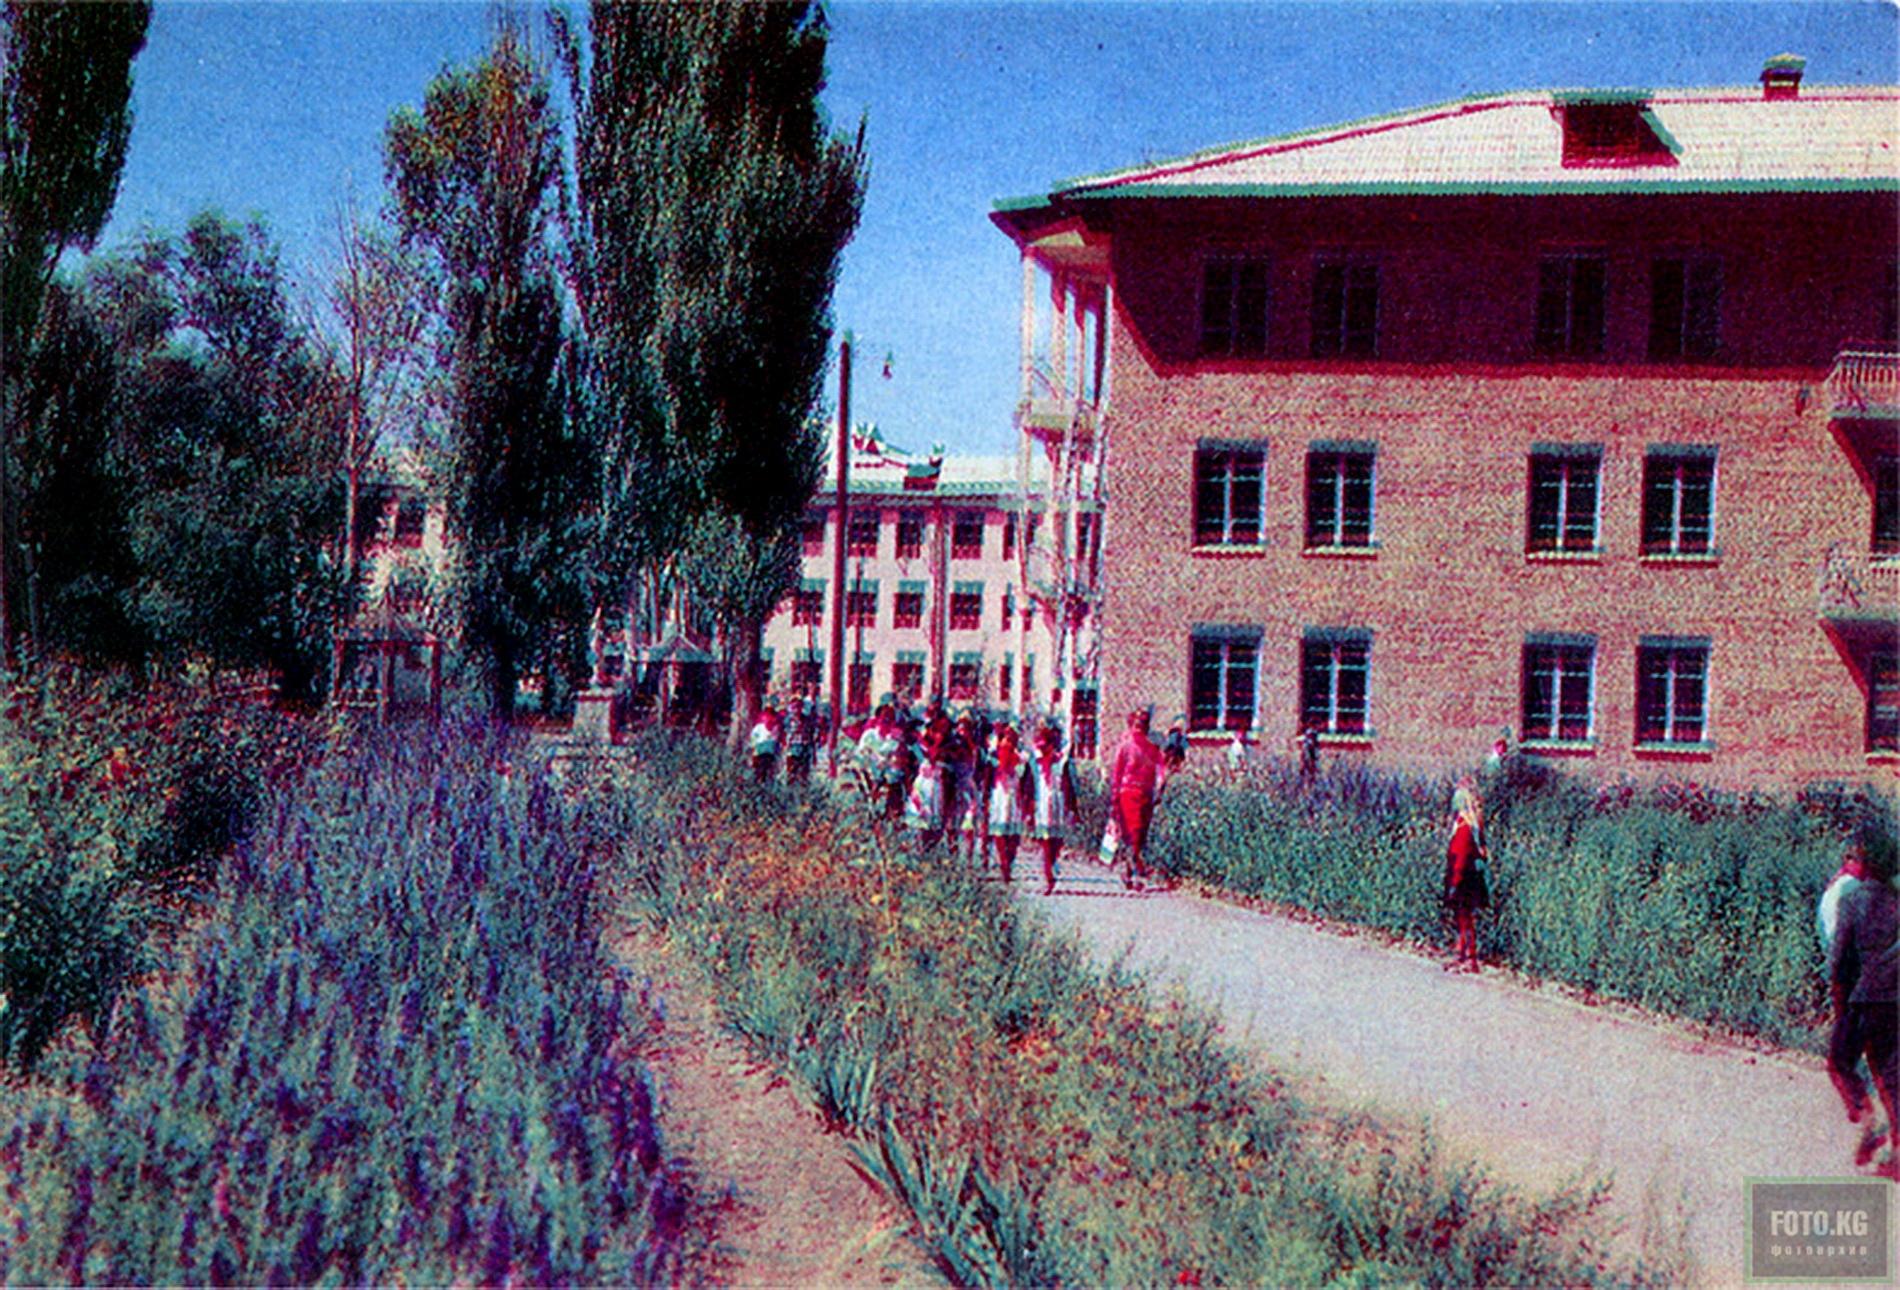 Пржевальск. Школа интернат. Фото: 1969 год